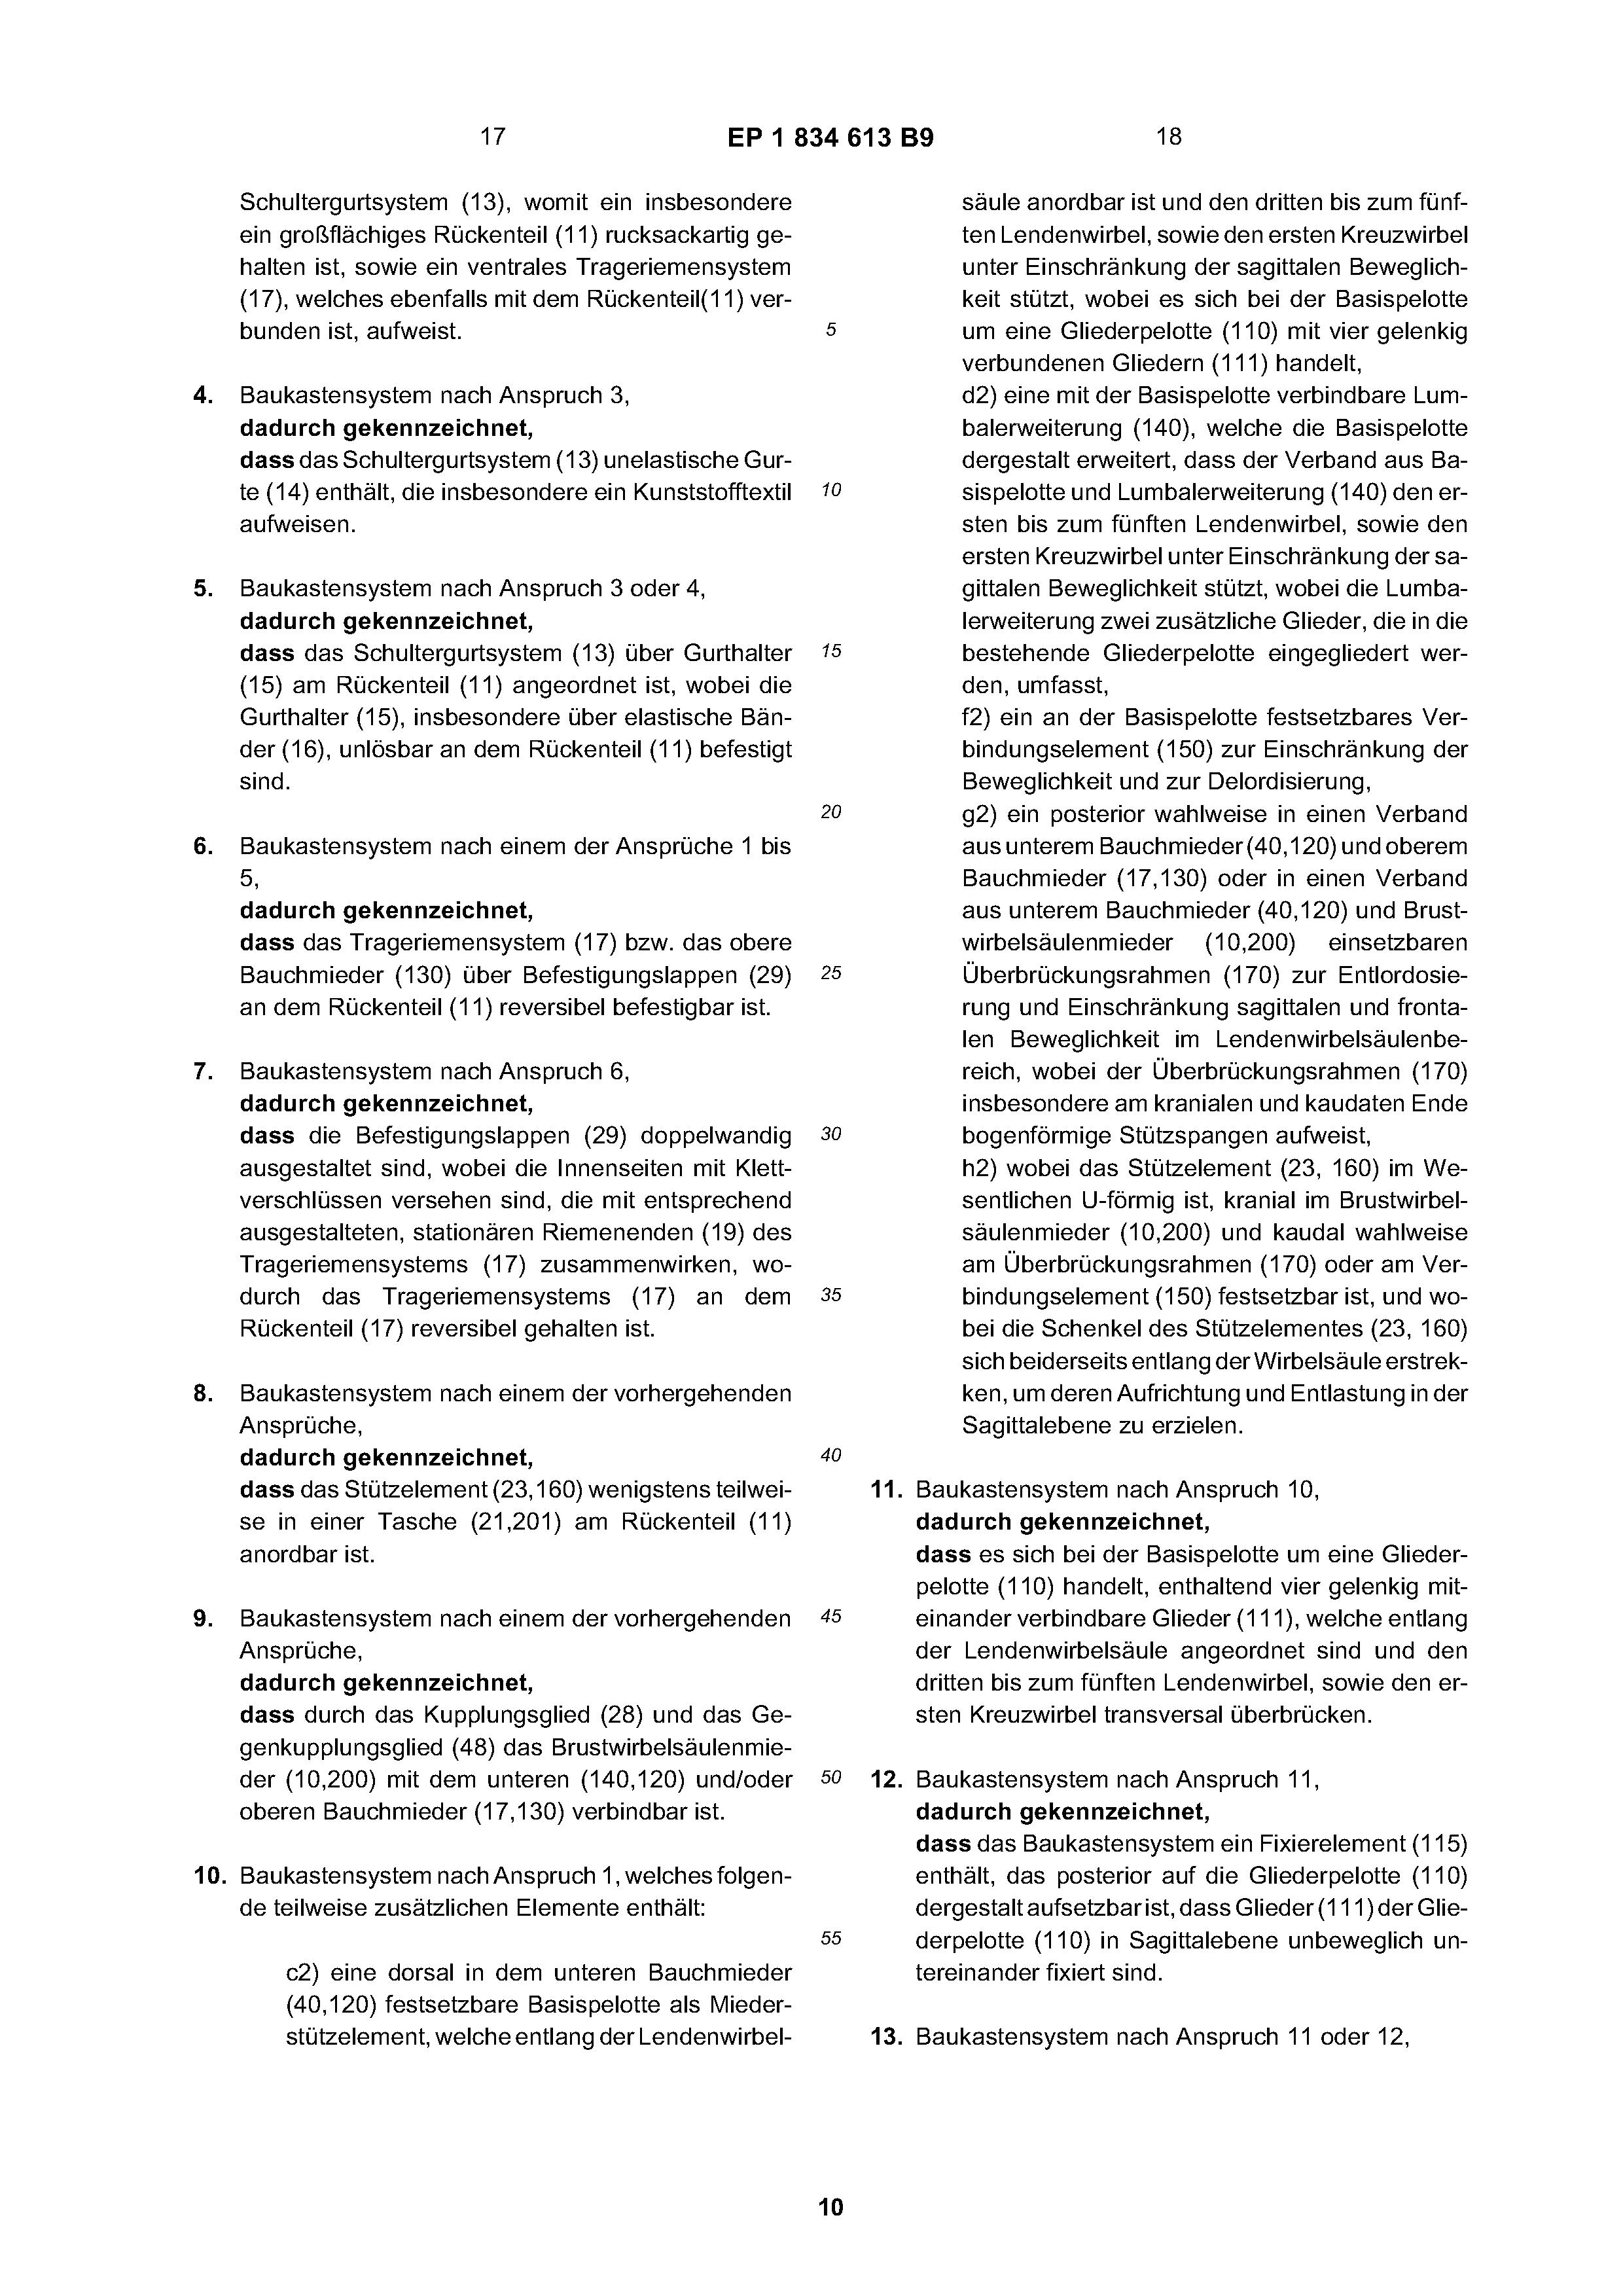 Fein Anatomie Und Physiologie Färbung Arbeitsmappe Antworten Kapitel ...